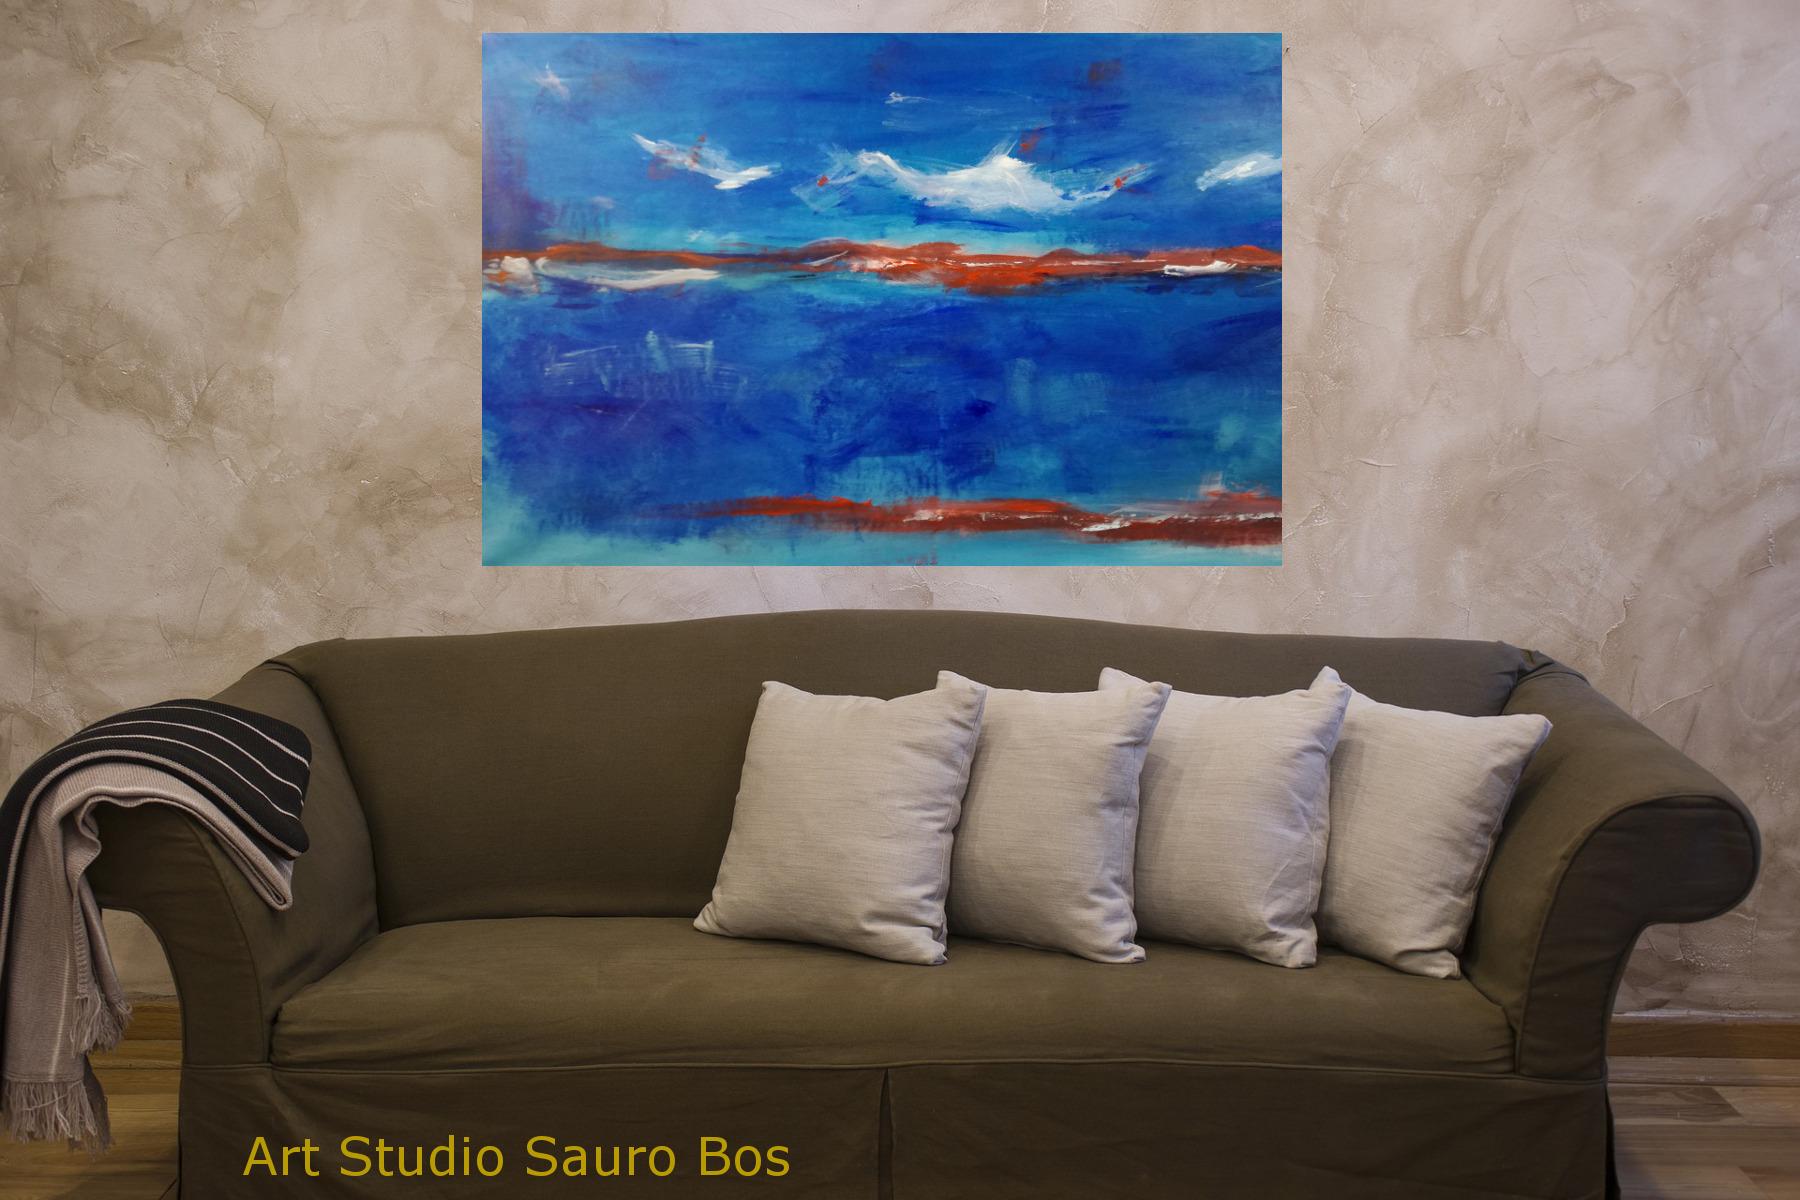 astratto paesaggio c007 1 - quadro moderno paesaggio astratto